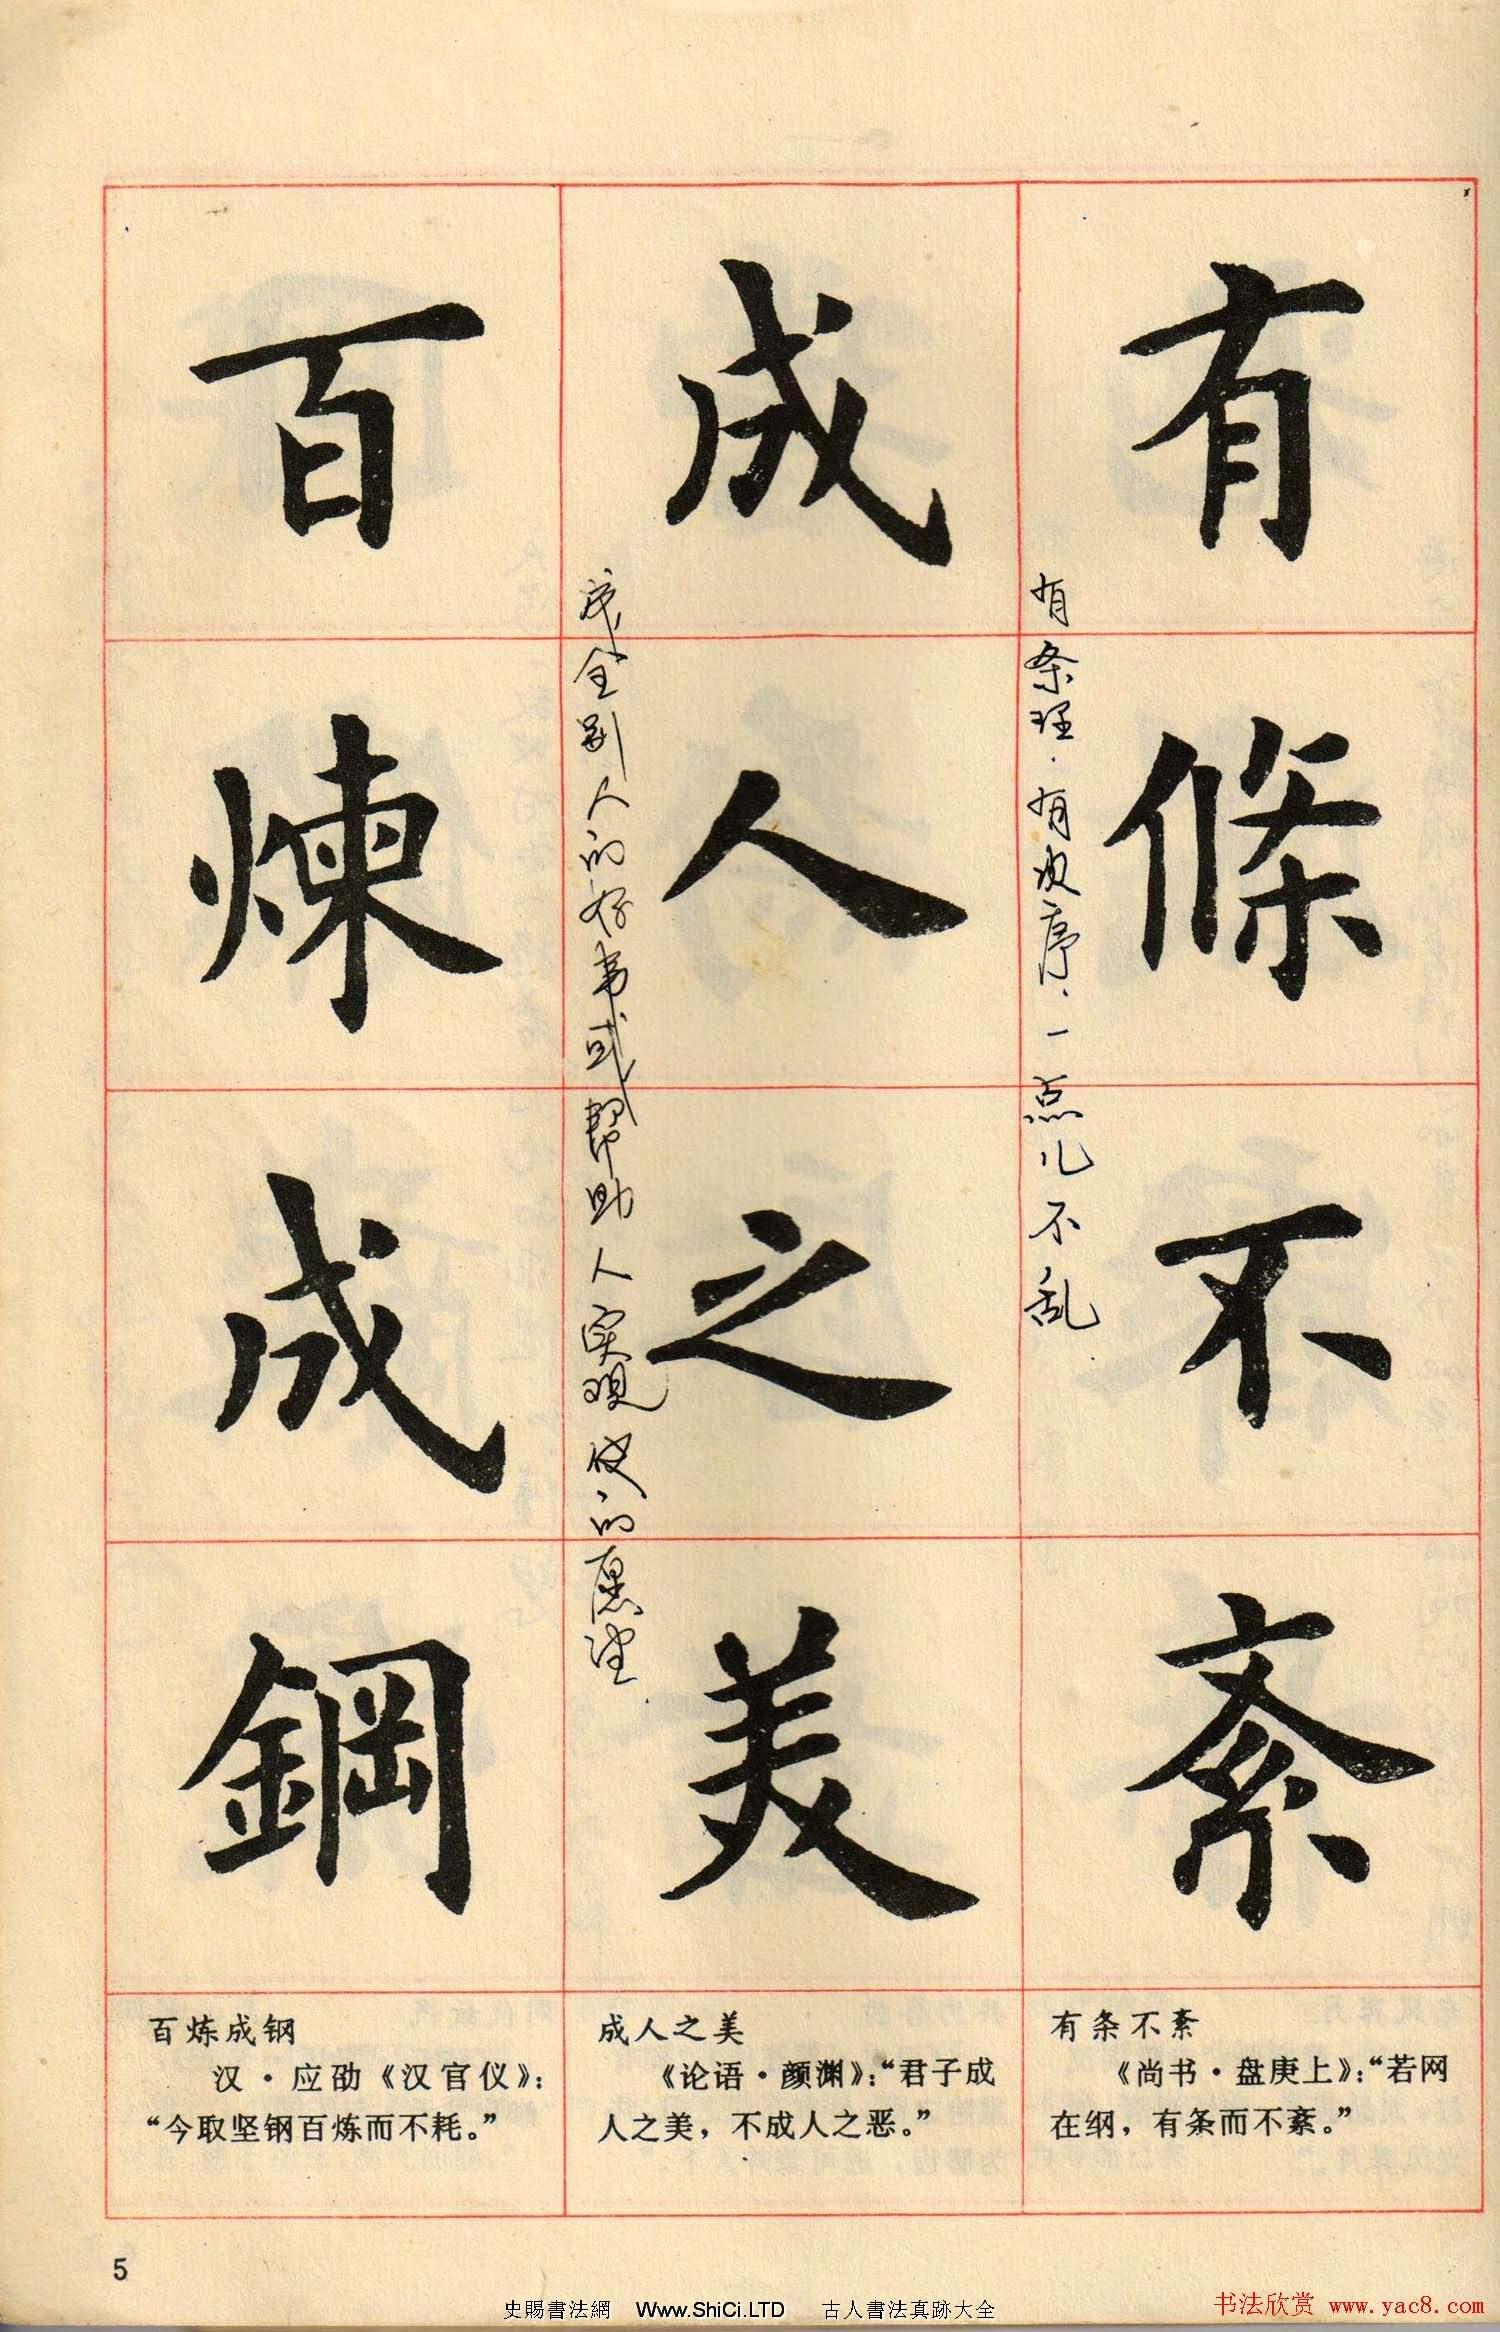 盧中南毛筆楷書字帖《中國成語300句》大圖